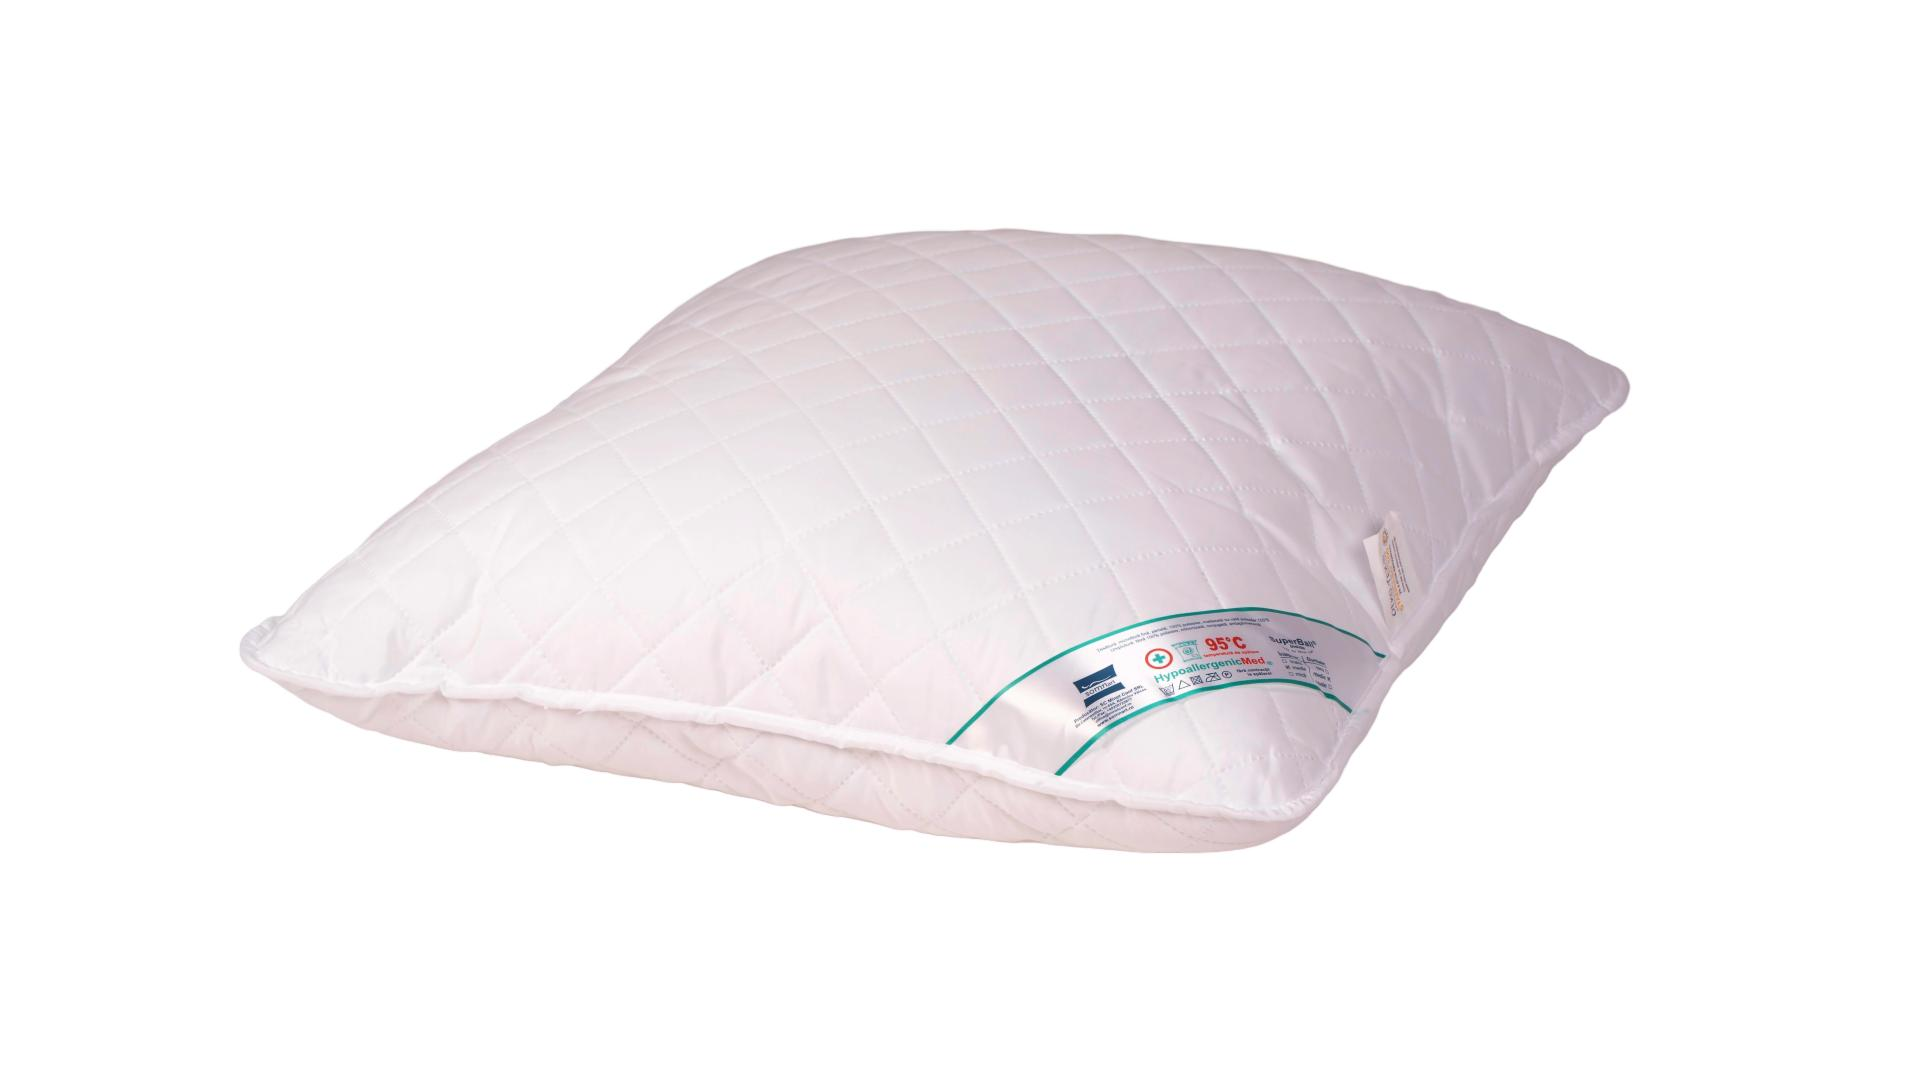 Perna Somnart HypoallergenicMed, lavabila la 95°C - 60 x 60 cm poza somnart.ro